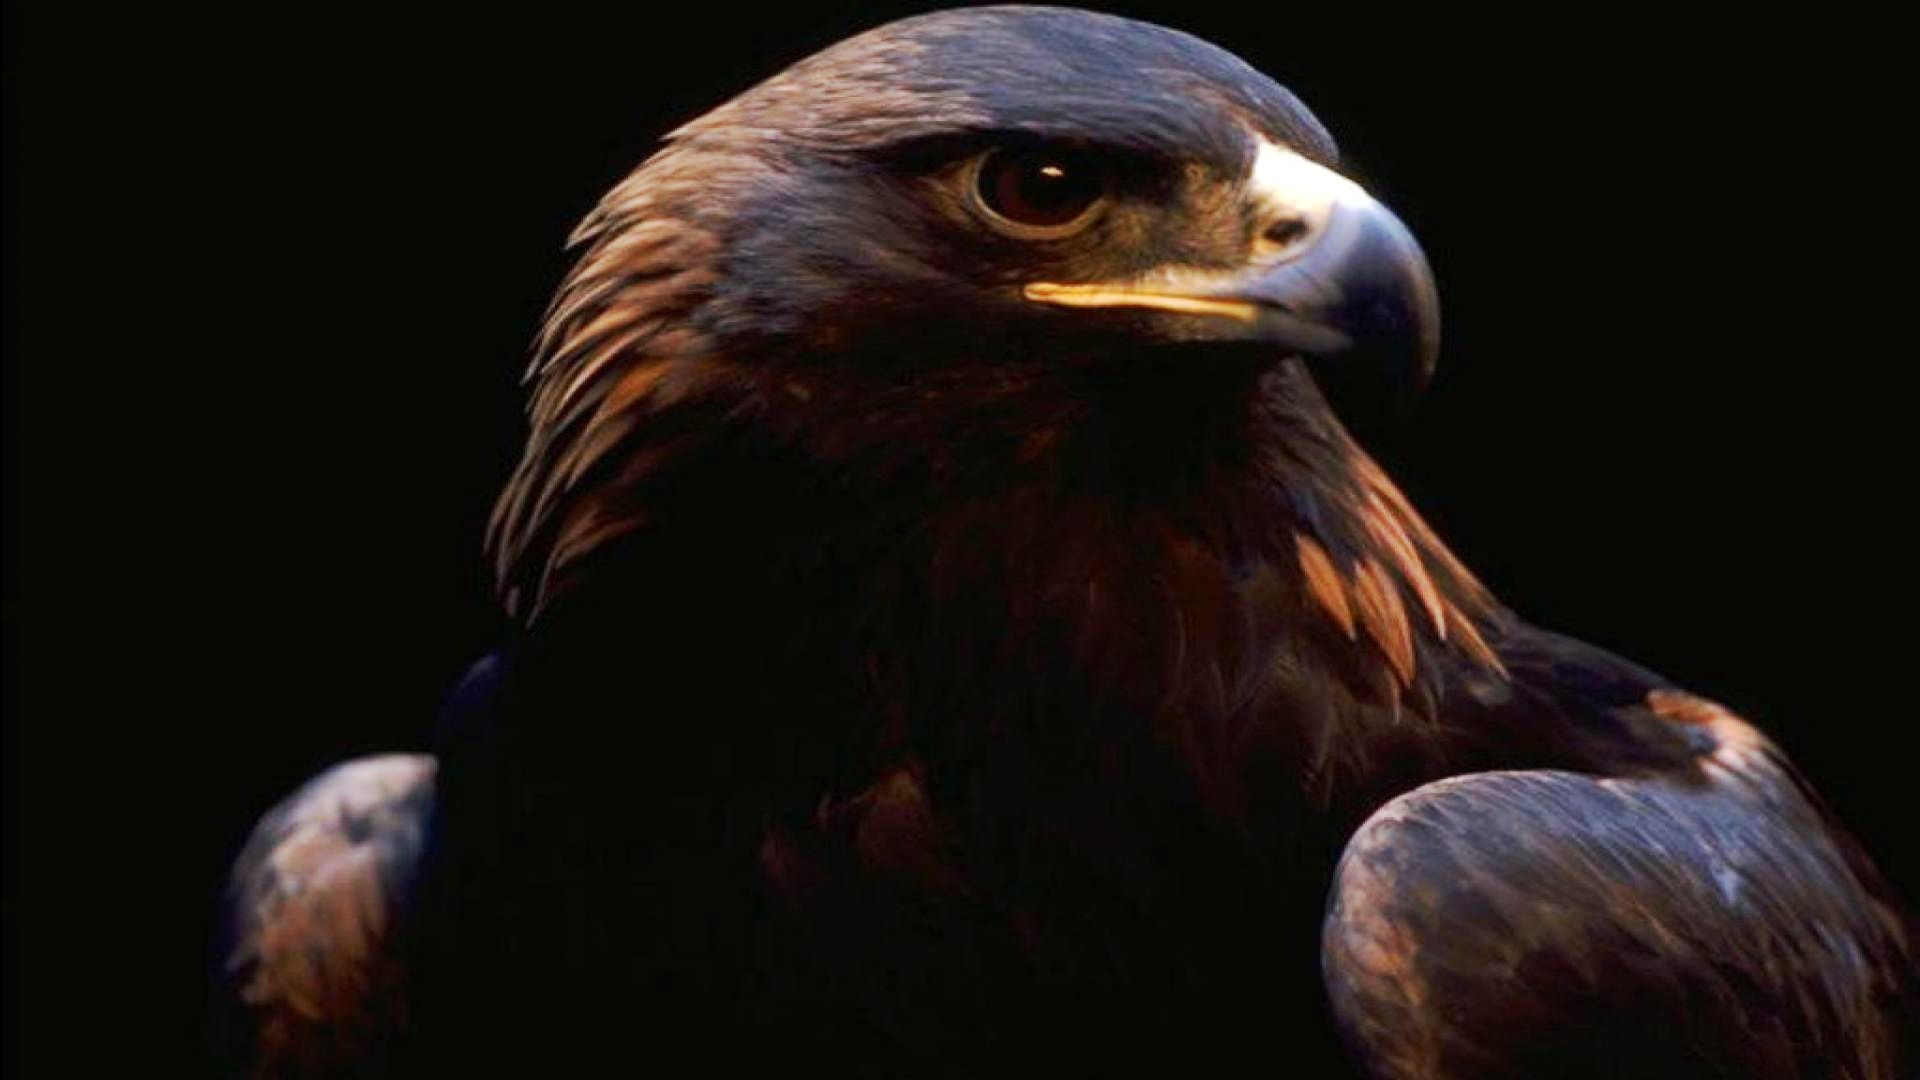 Golden eagle wallpaper 61 images - Harpy eagle hd wallpaper ...